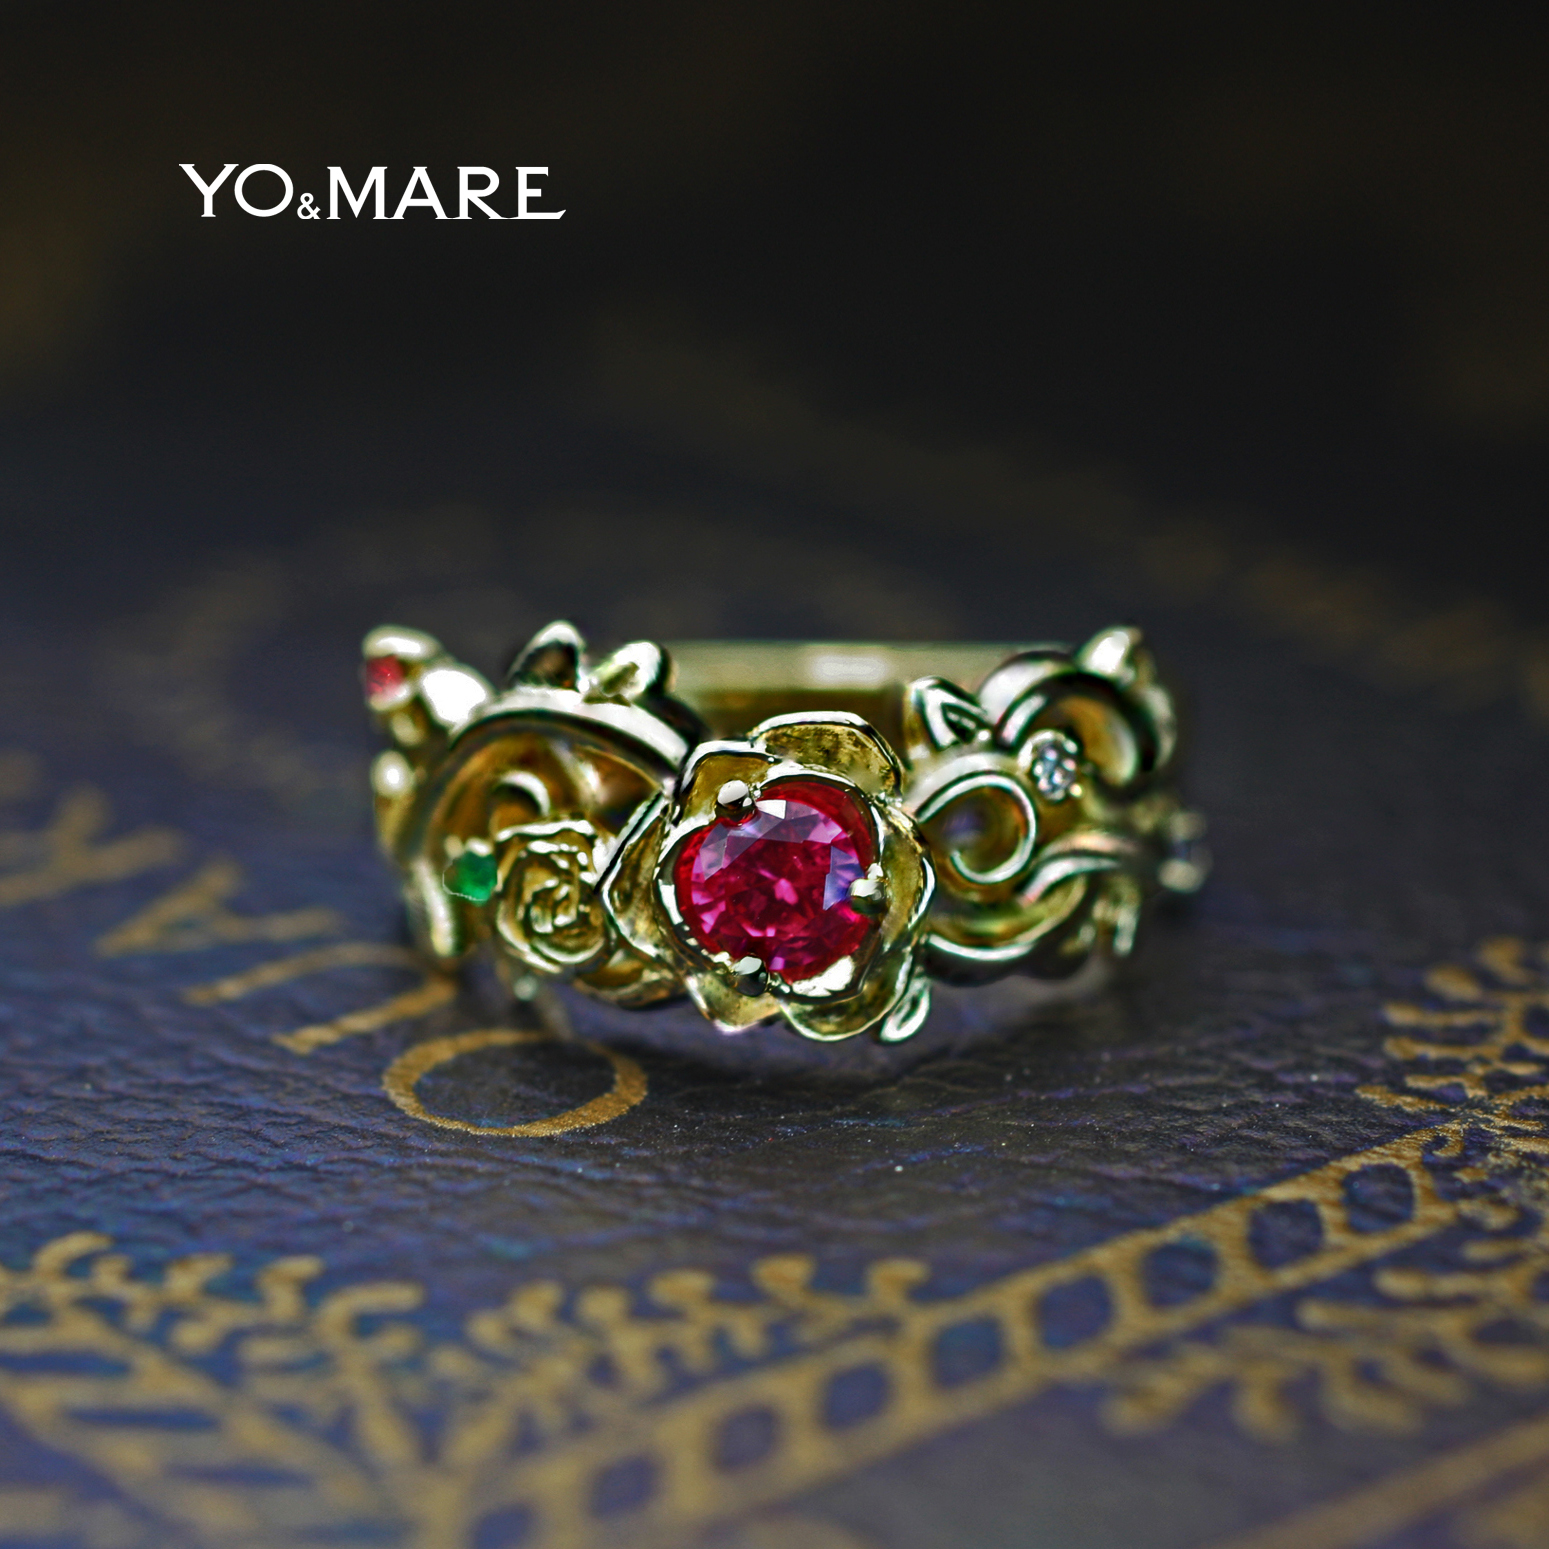 バラの婚約指輪を美女と野獣からインスピデザインしたオーダー作品